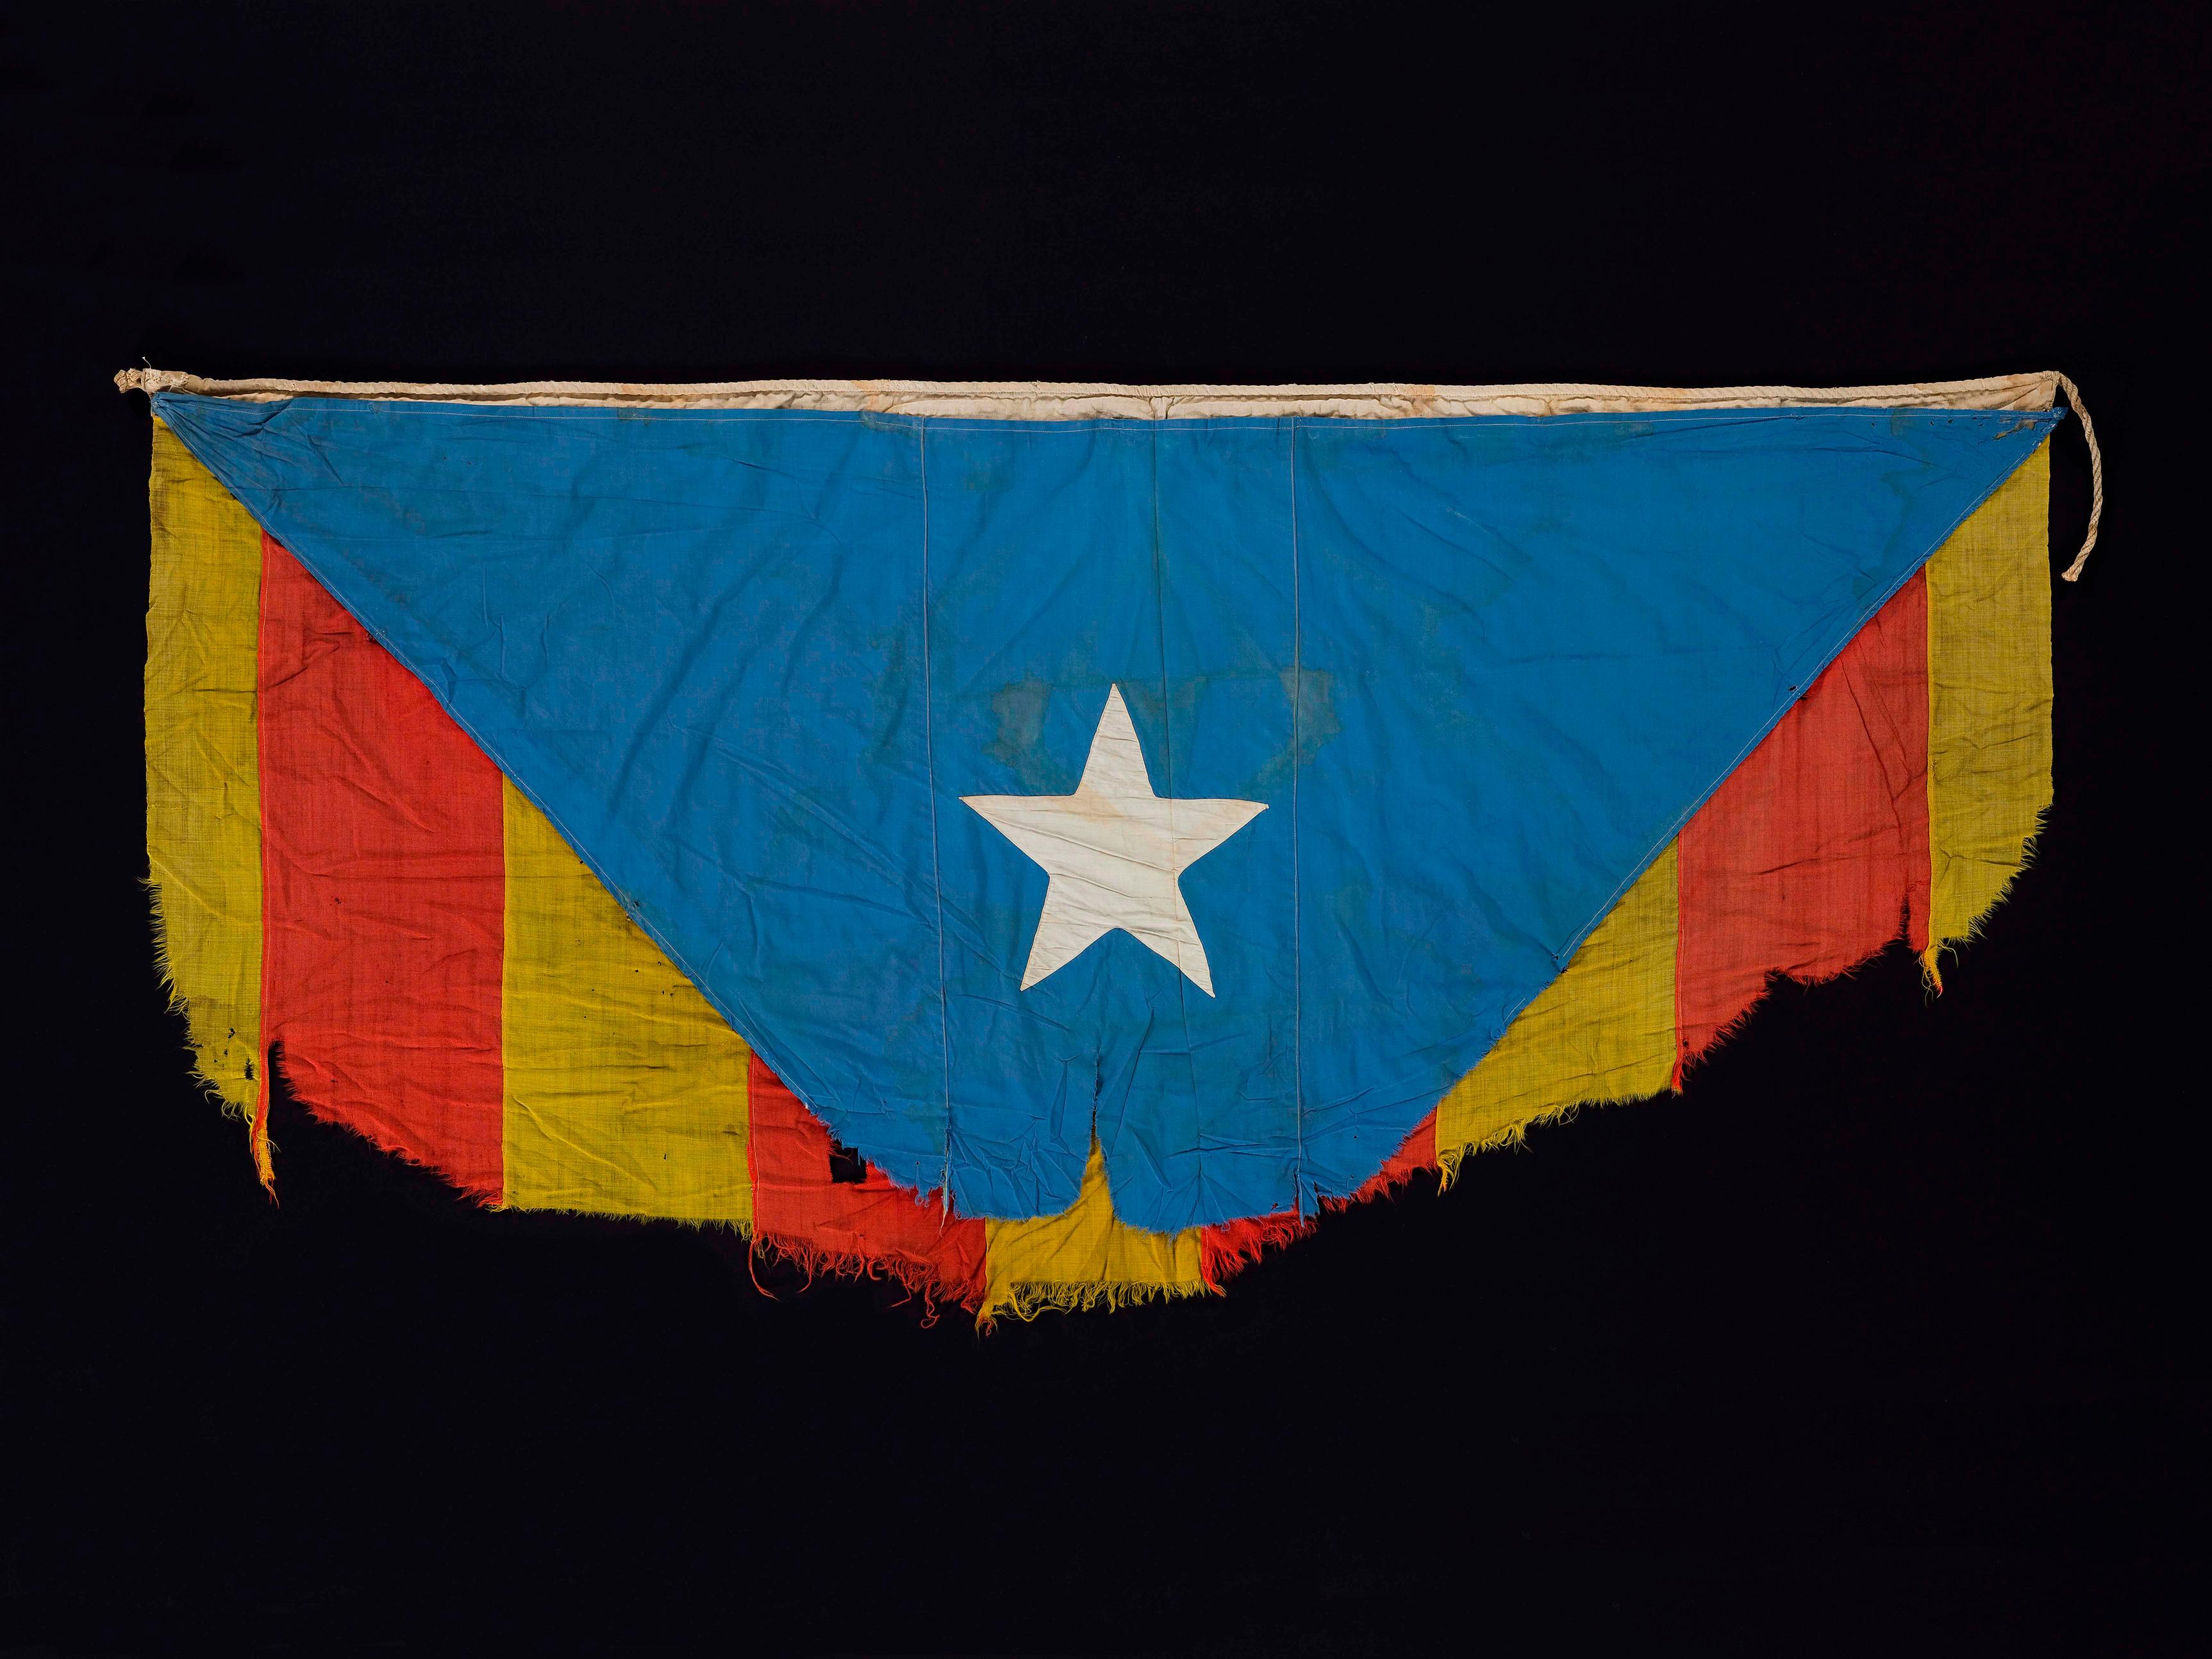 Bandera estelada dels voluntaris de Catalunya a la Gran Guerra